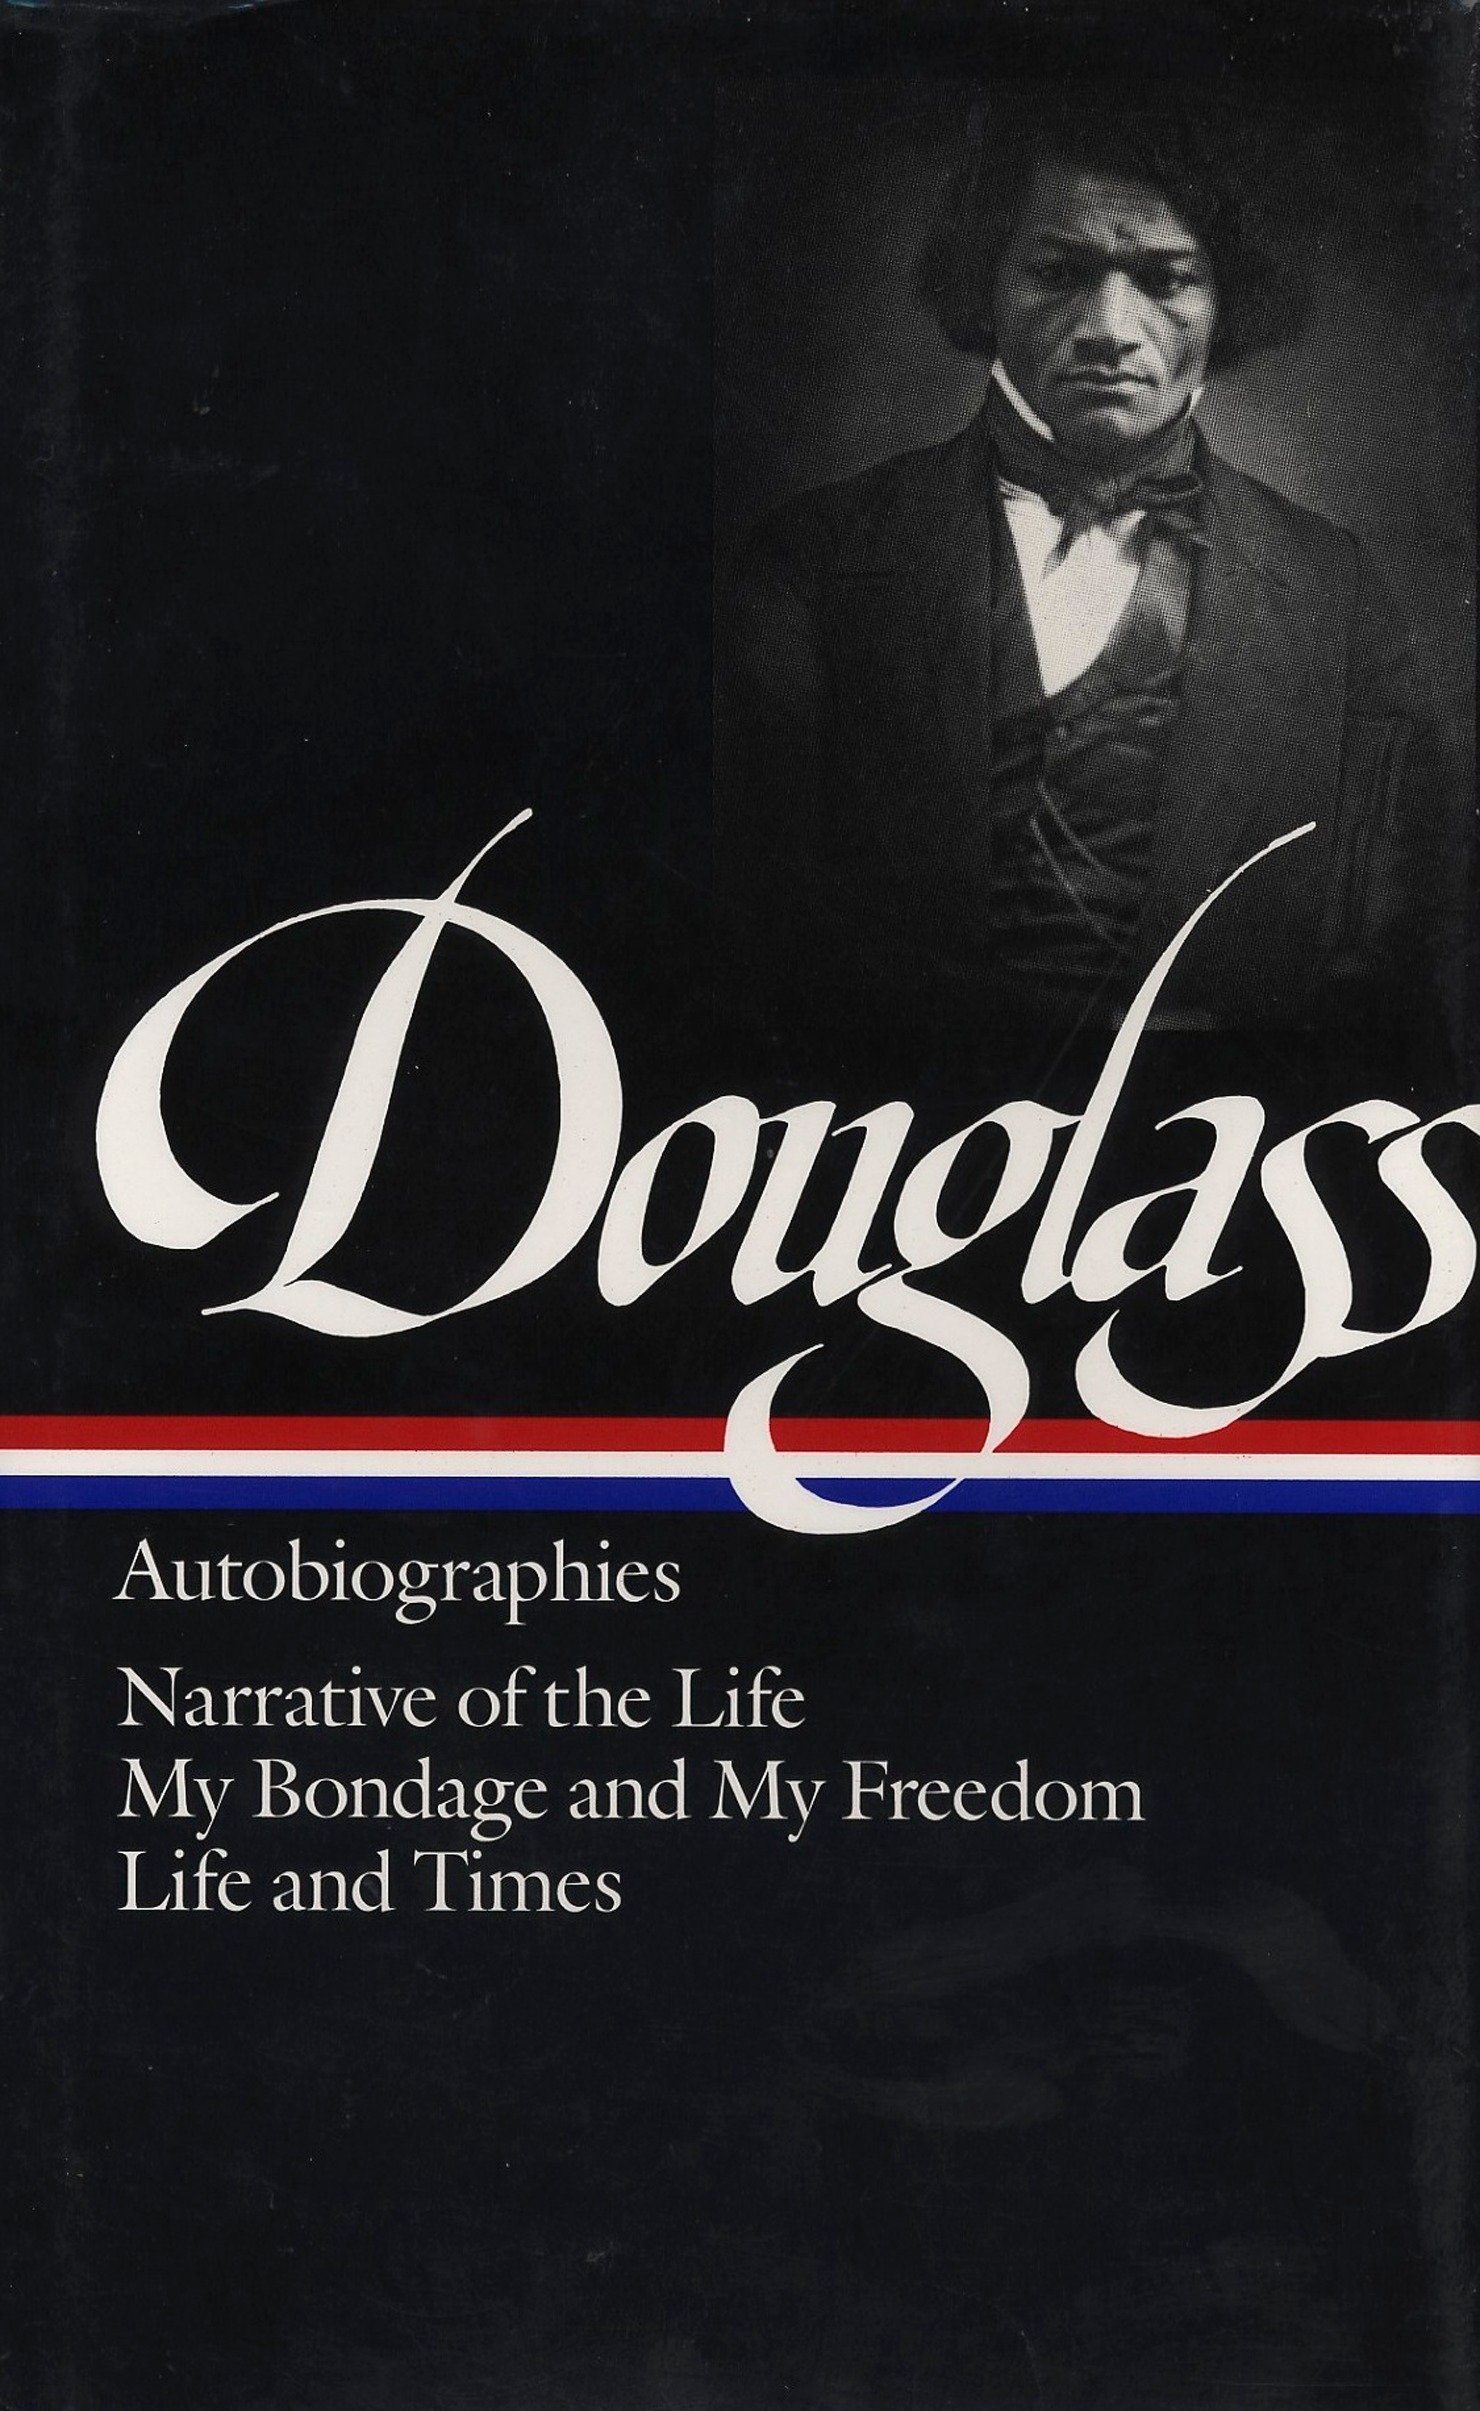 Bondage freedom life life narrative times